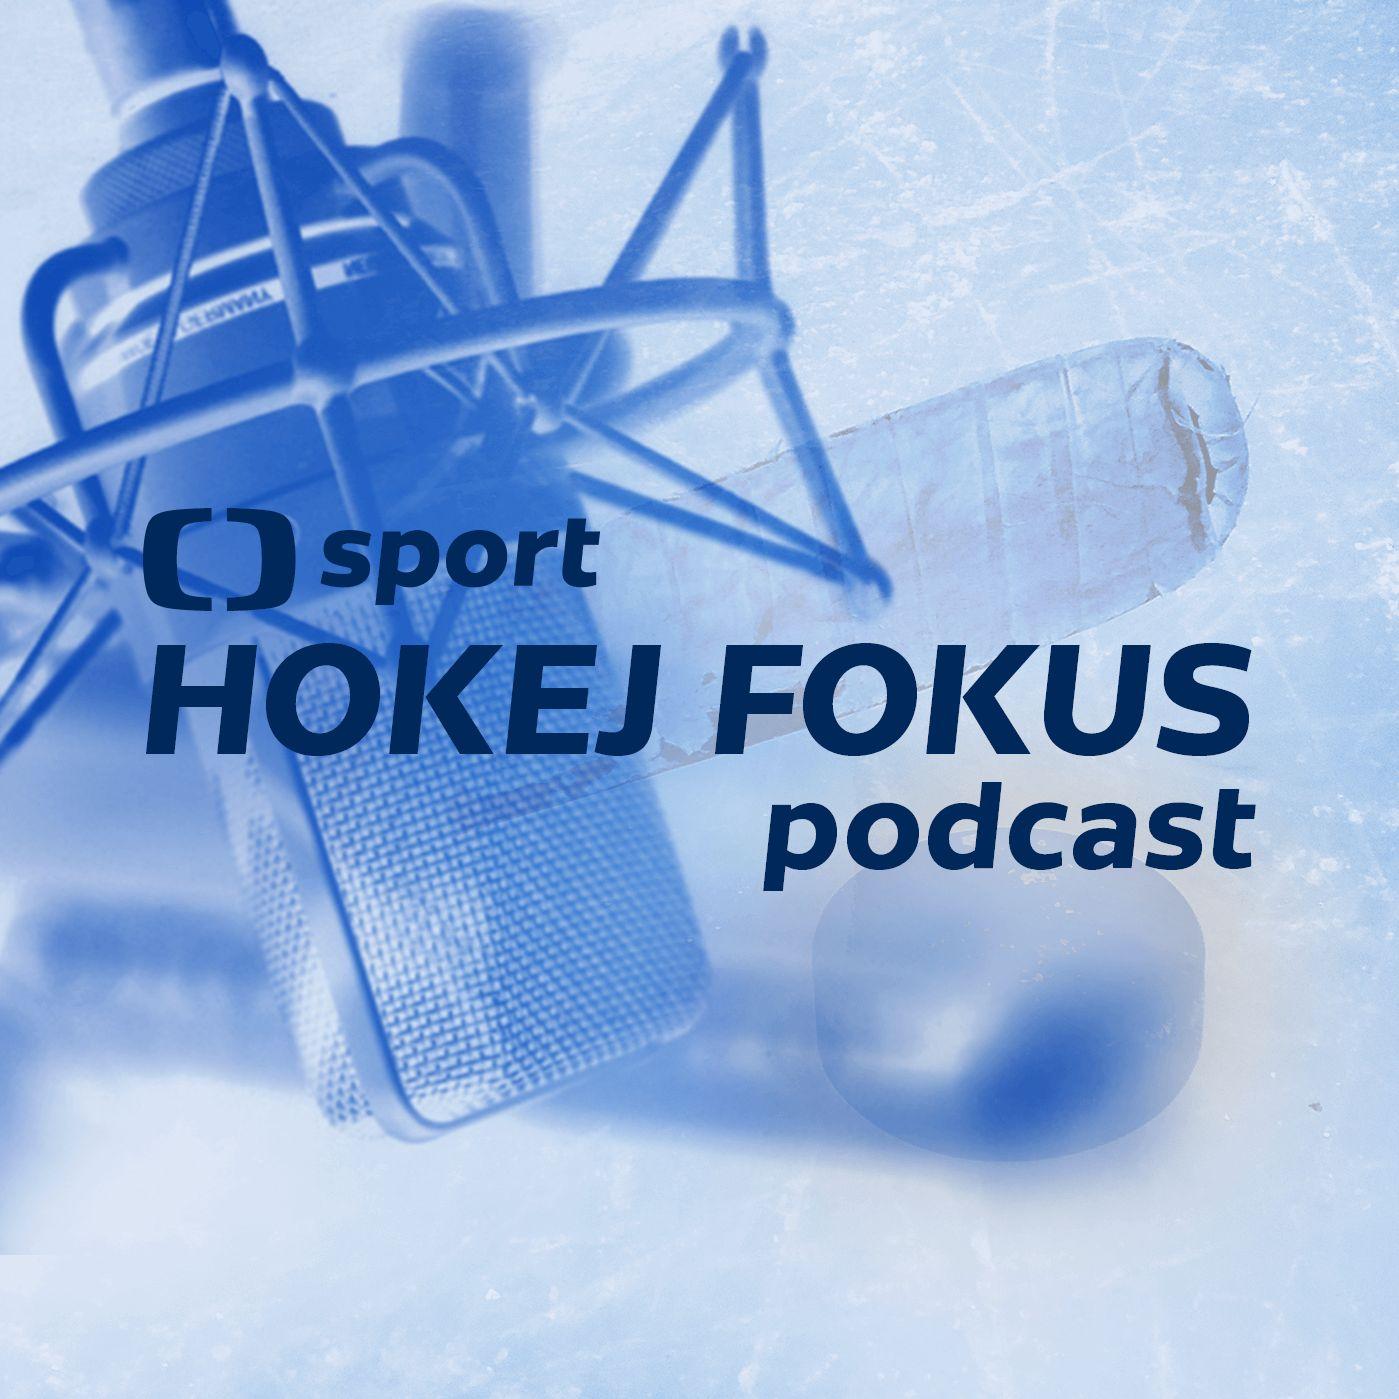 Hokej fokus podcast: Budou Češi nadále patřit mezi světovou hokejovou špičku?